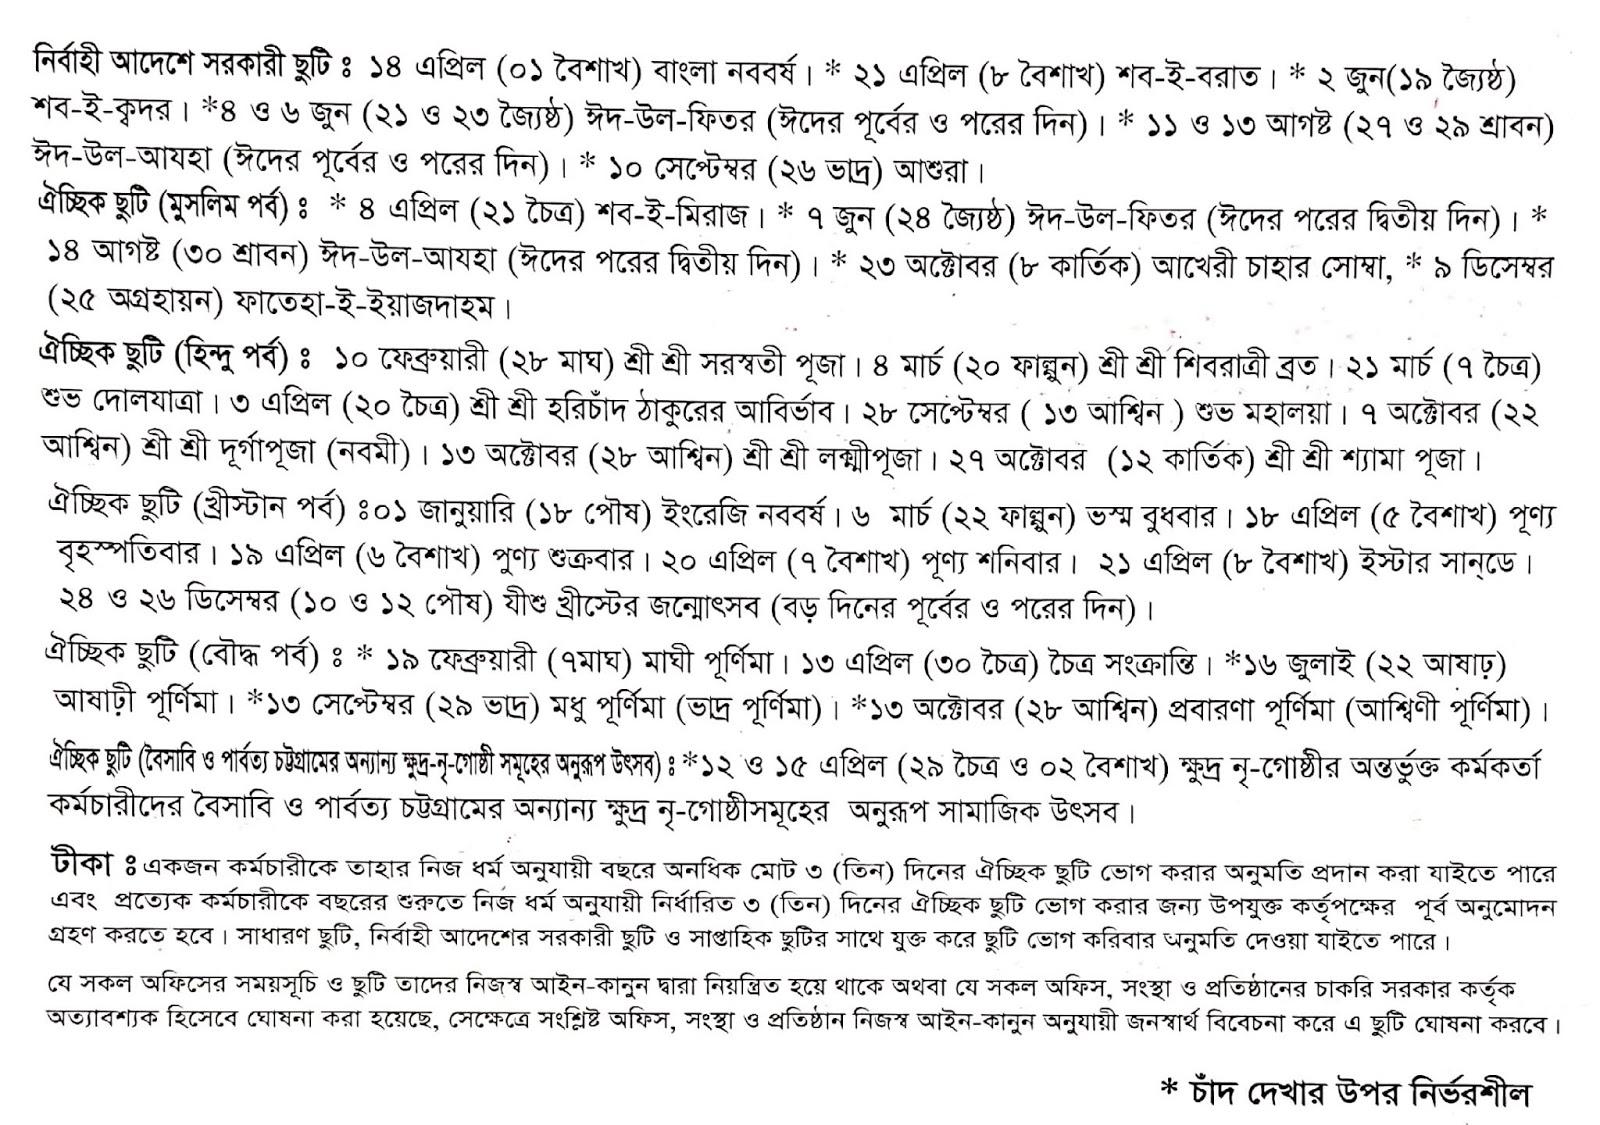 Bangladesh-Public-Government-Holidays-2019-Bangla-Calendar-2019